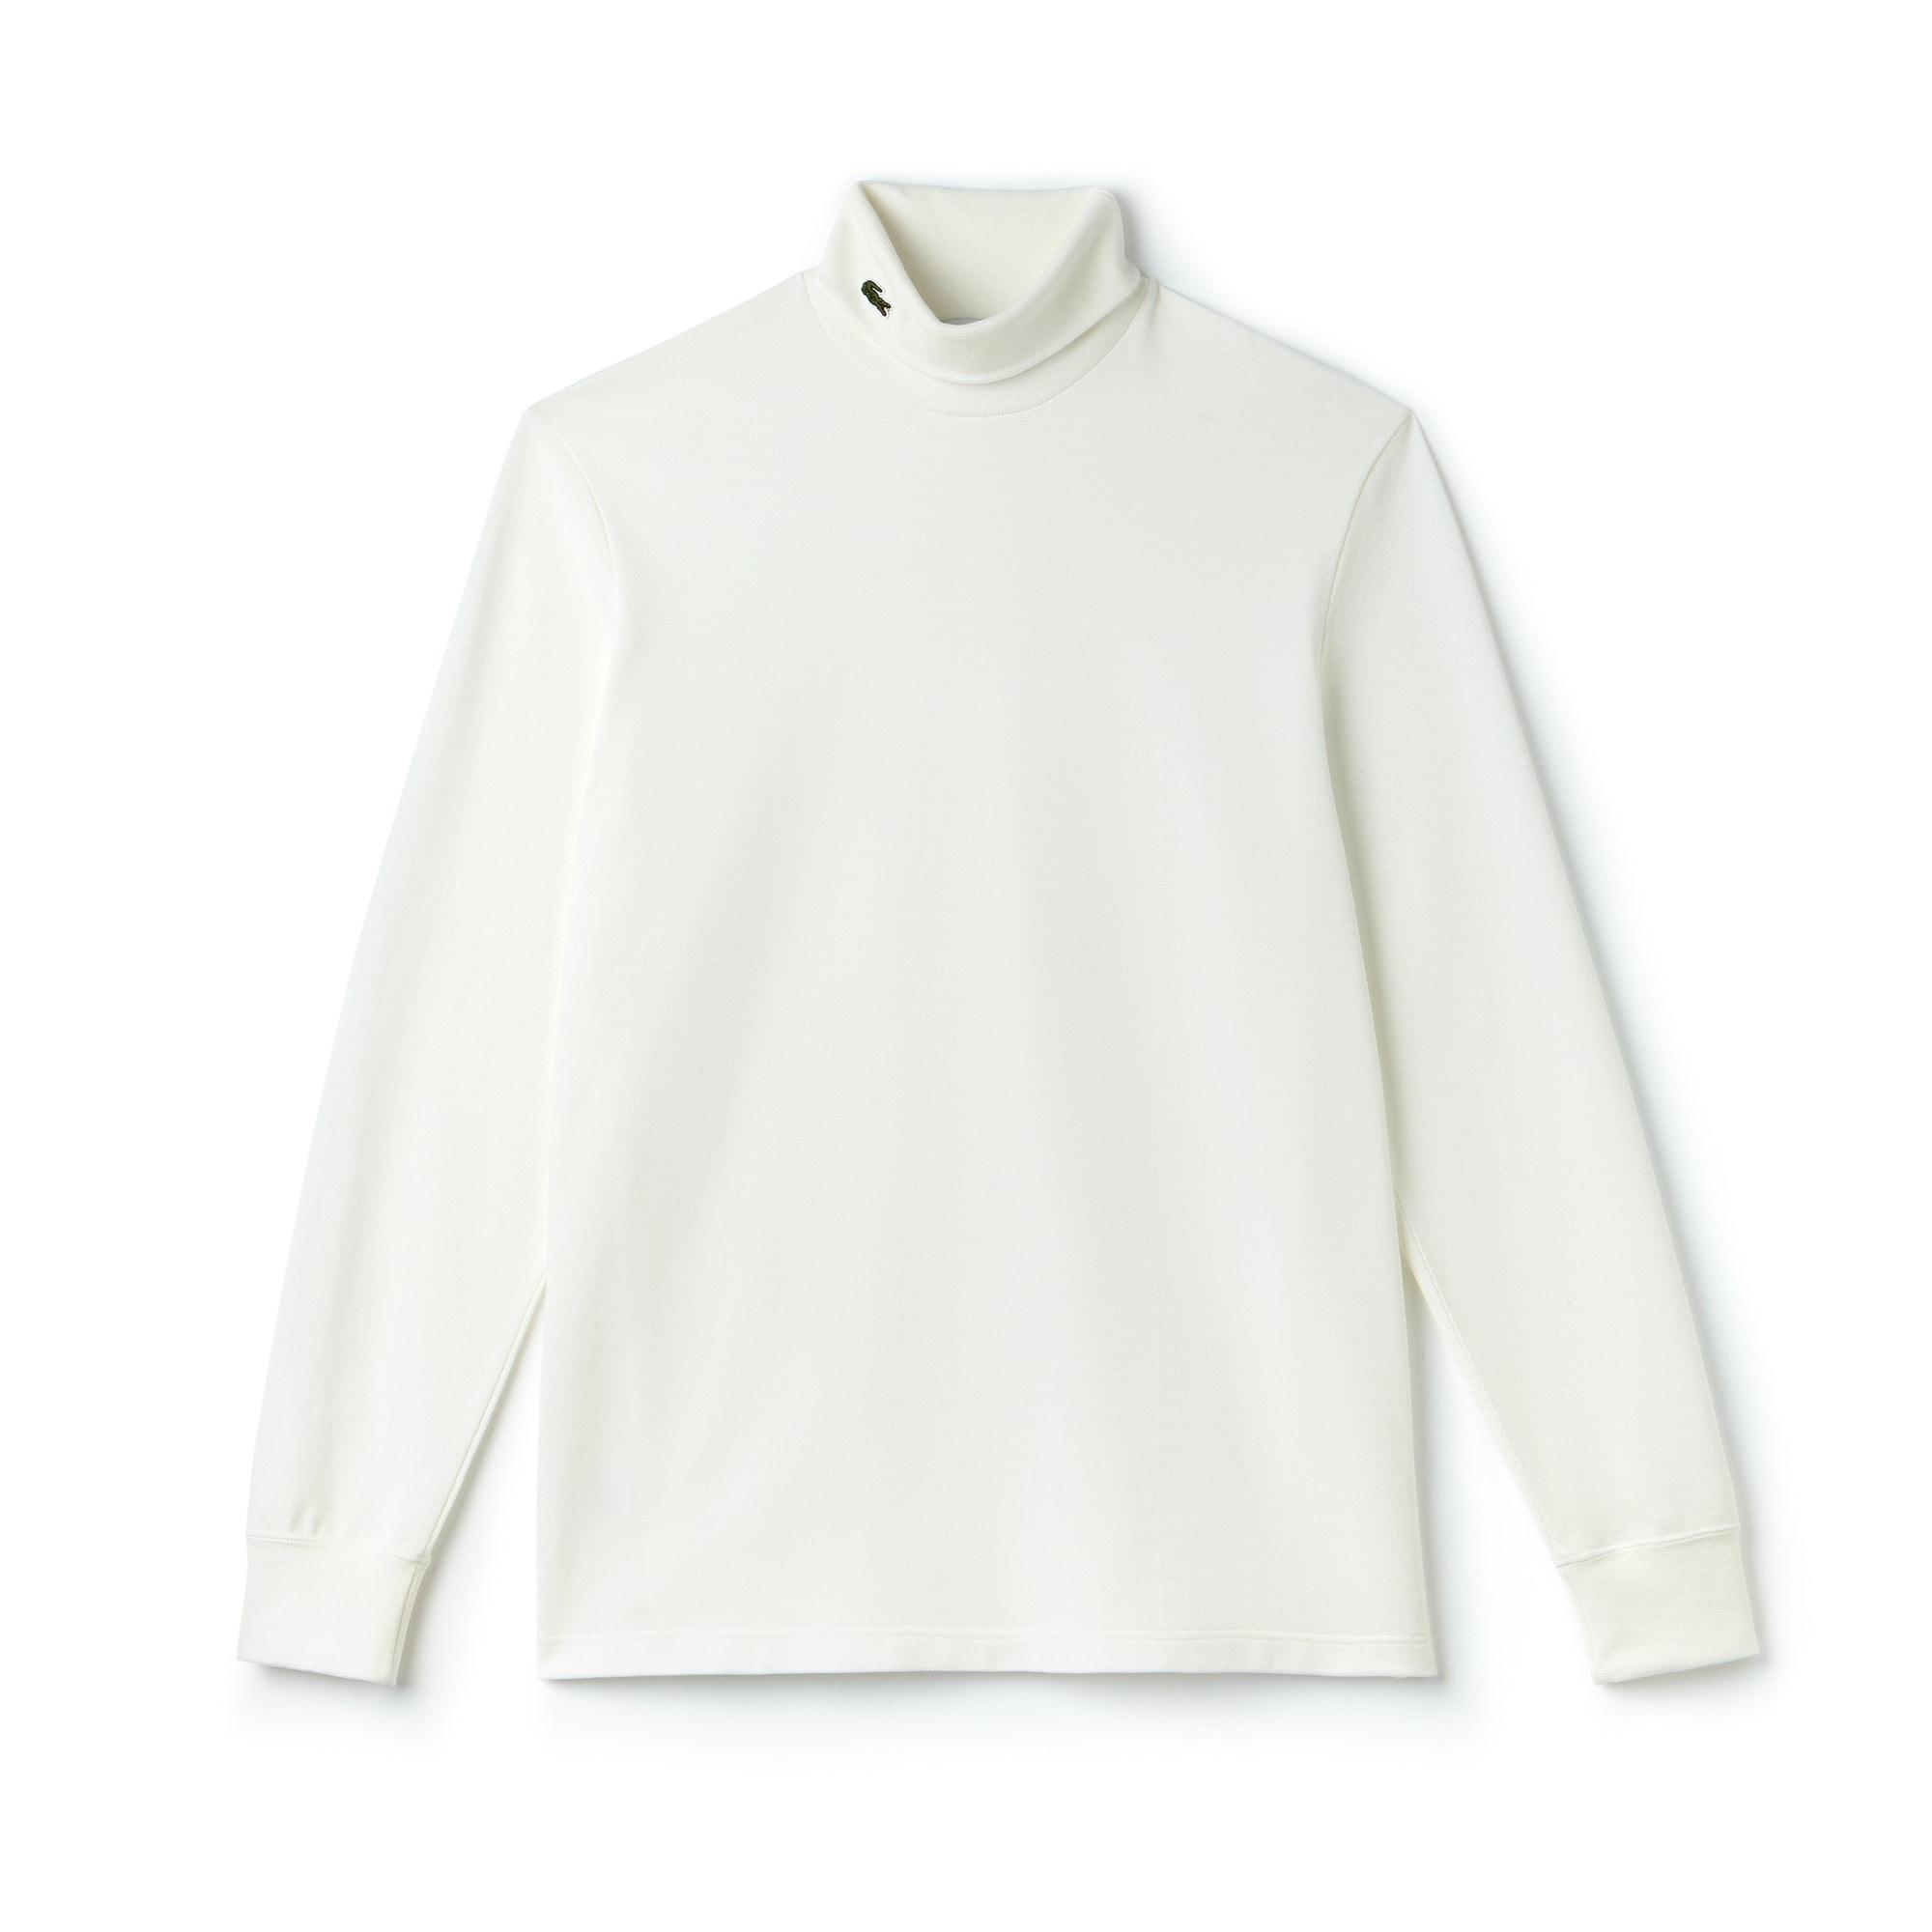 Men's Turtleneck Cotton Piqué T-shirt